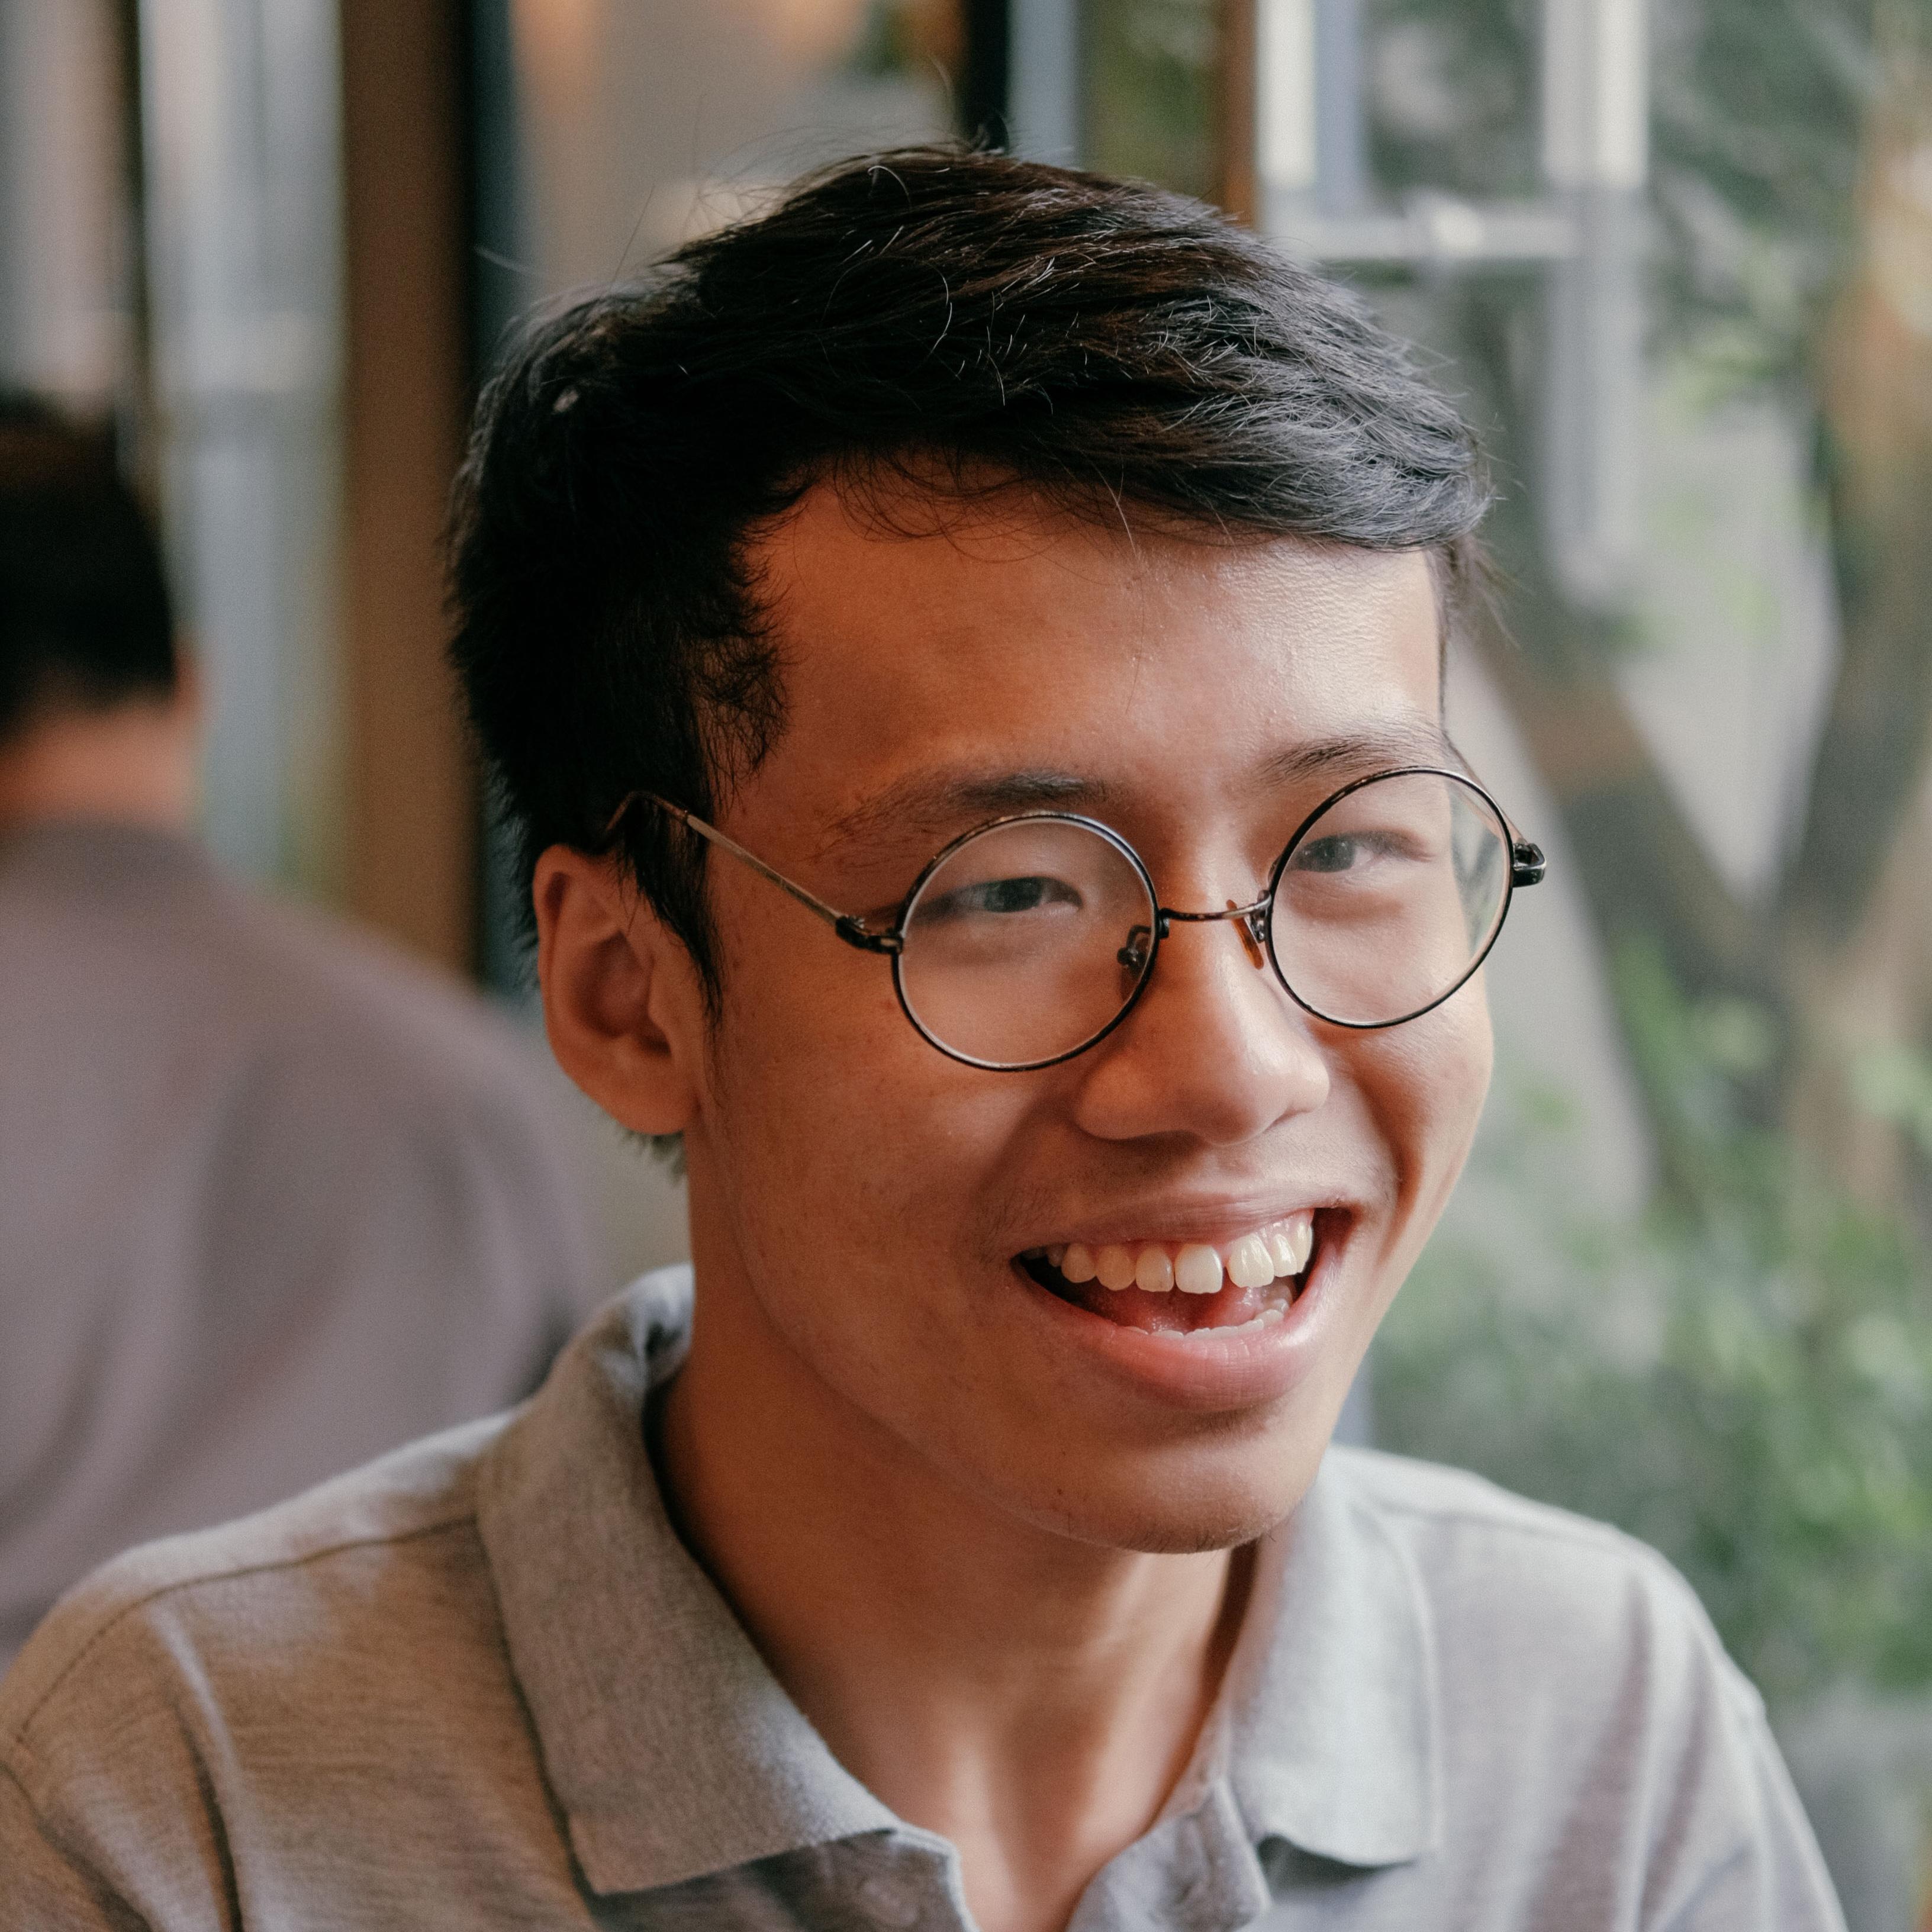 99er Việt nhận học bổng lớn nhờ viết bài luận bàn về việc xem phim sex - Ảnh 1.